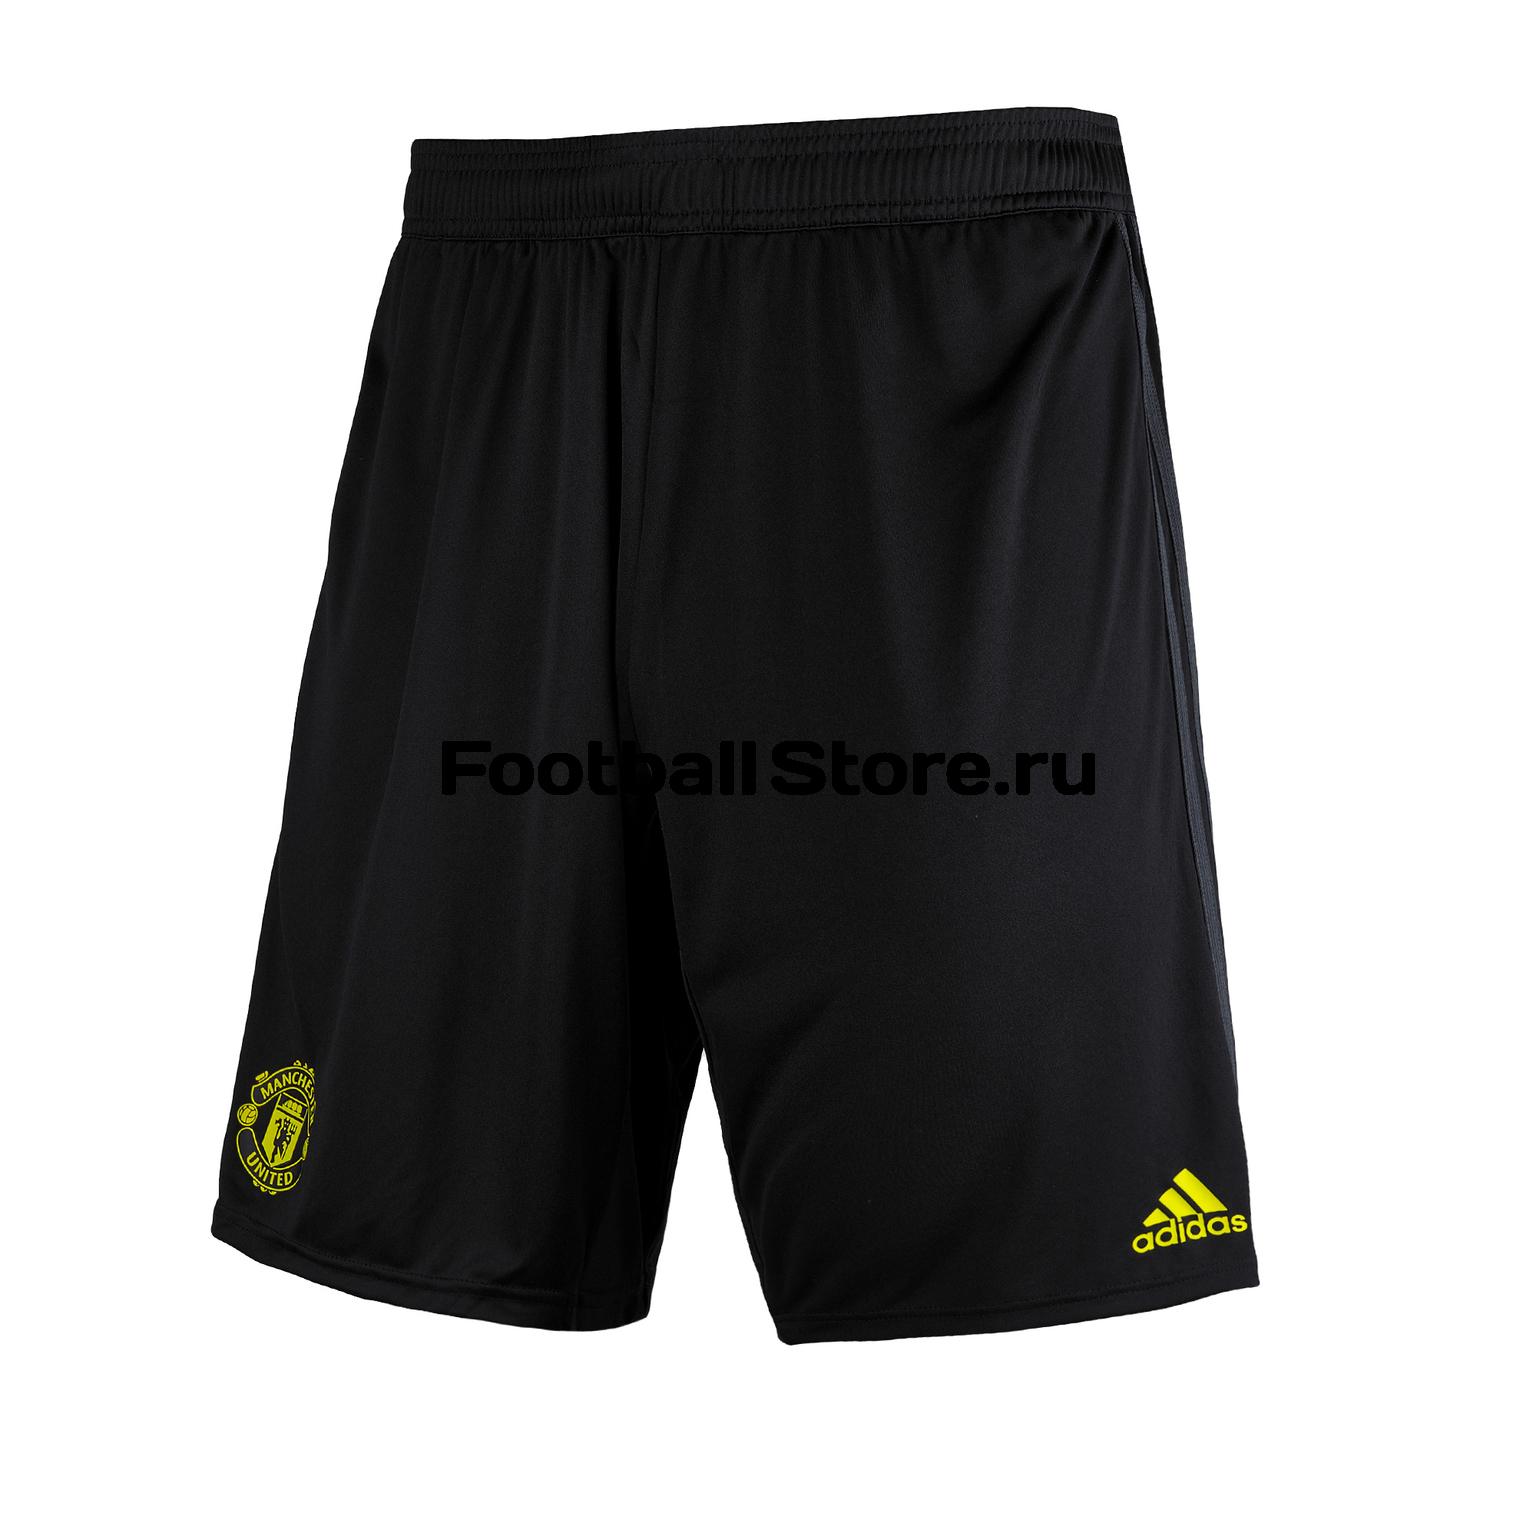 Шорты тренировочные Adidas Manchester United 2019/20 шорты тренировочные adidas manchester united 2019 20